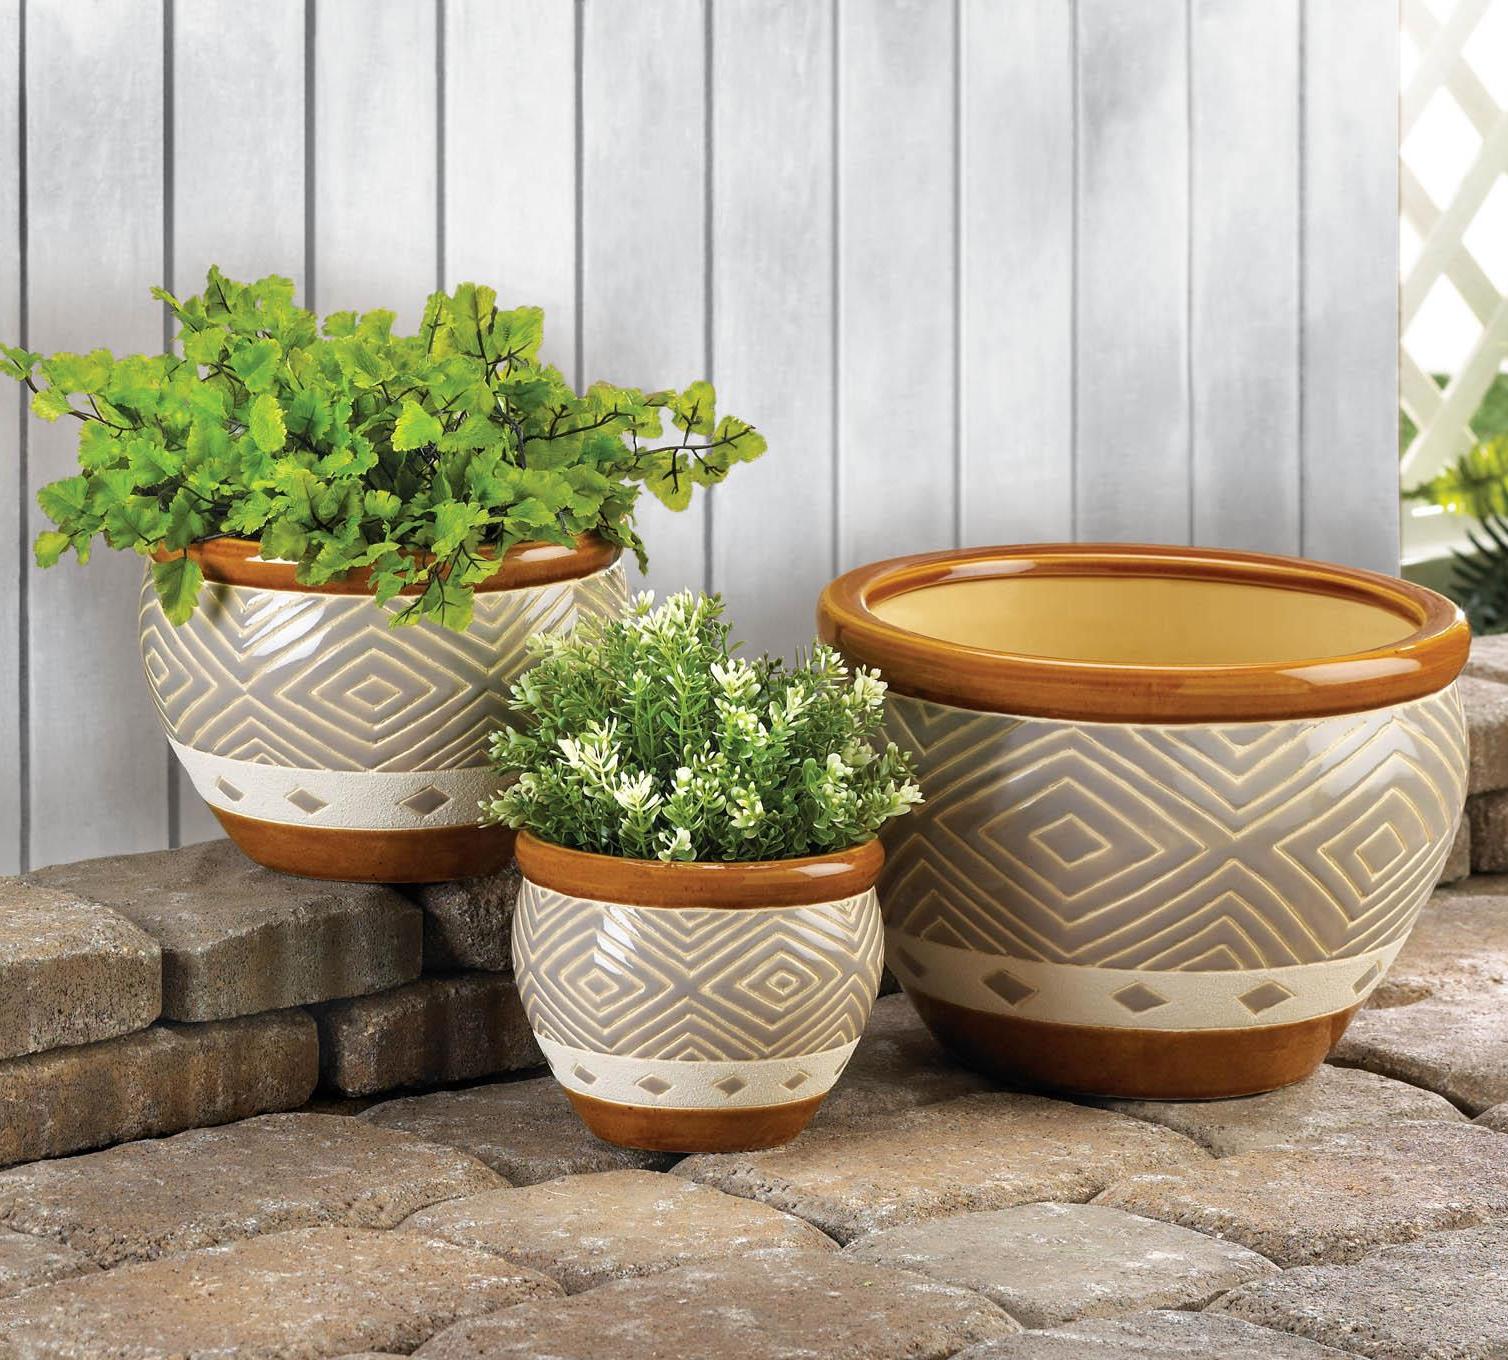 Yellow Ceramic Plant Pots Planters Planter Pots Outdoor Ceramic Flower Pots